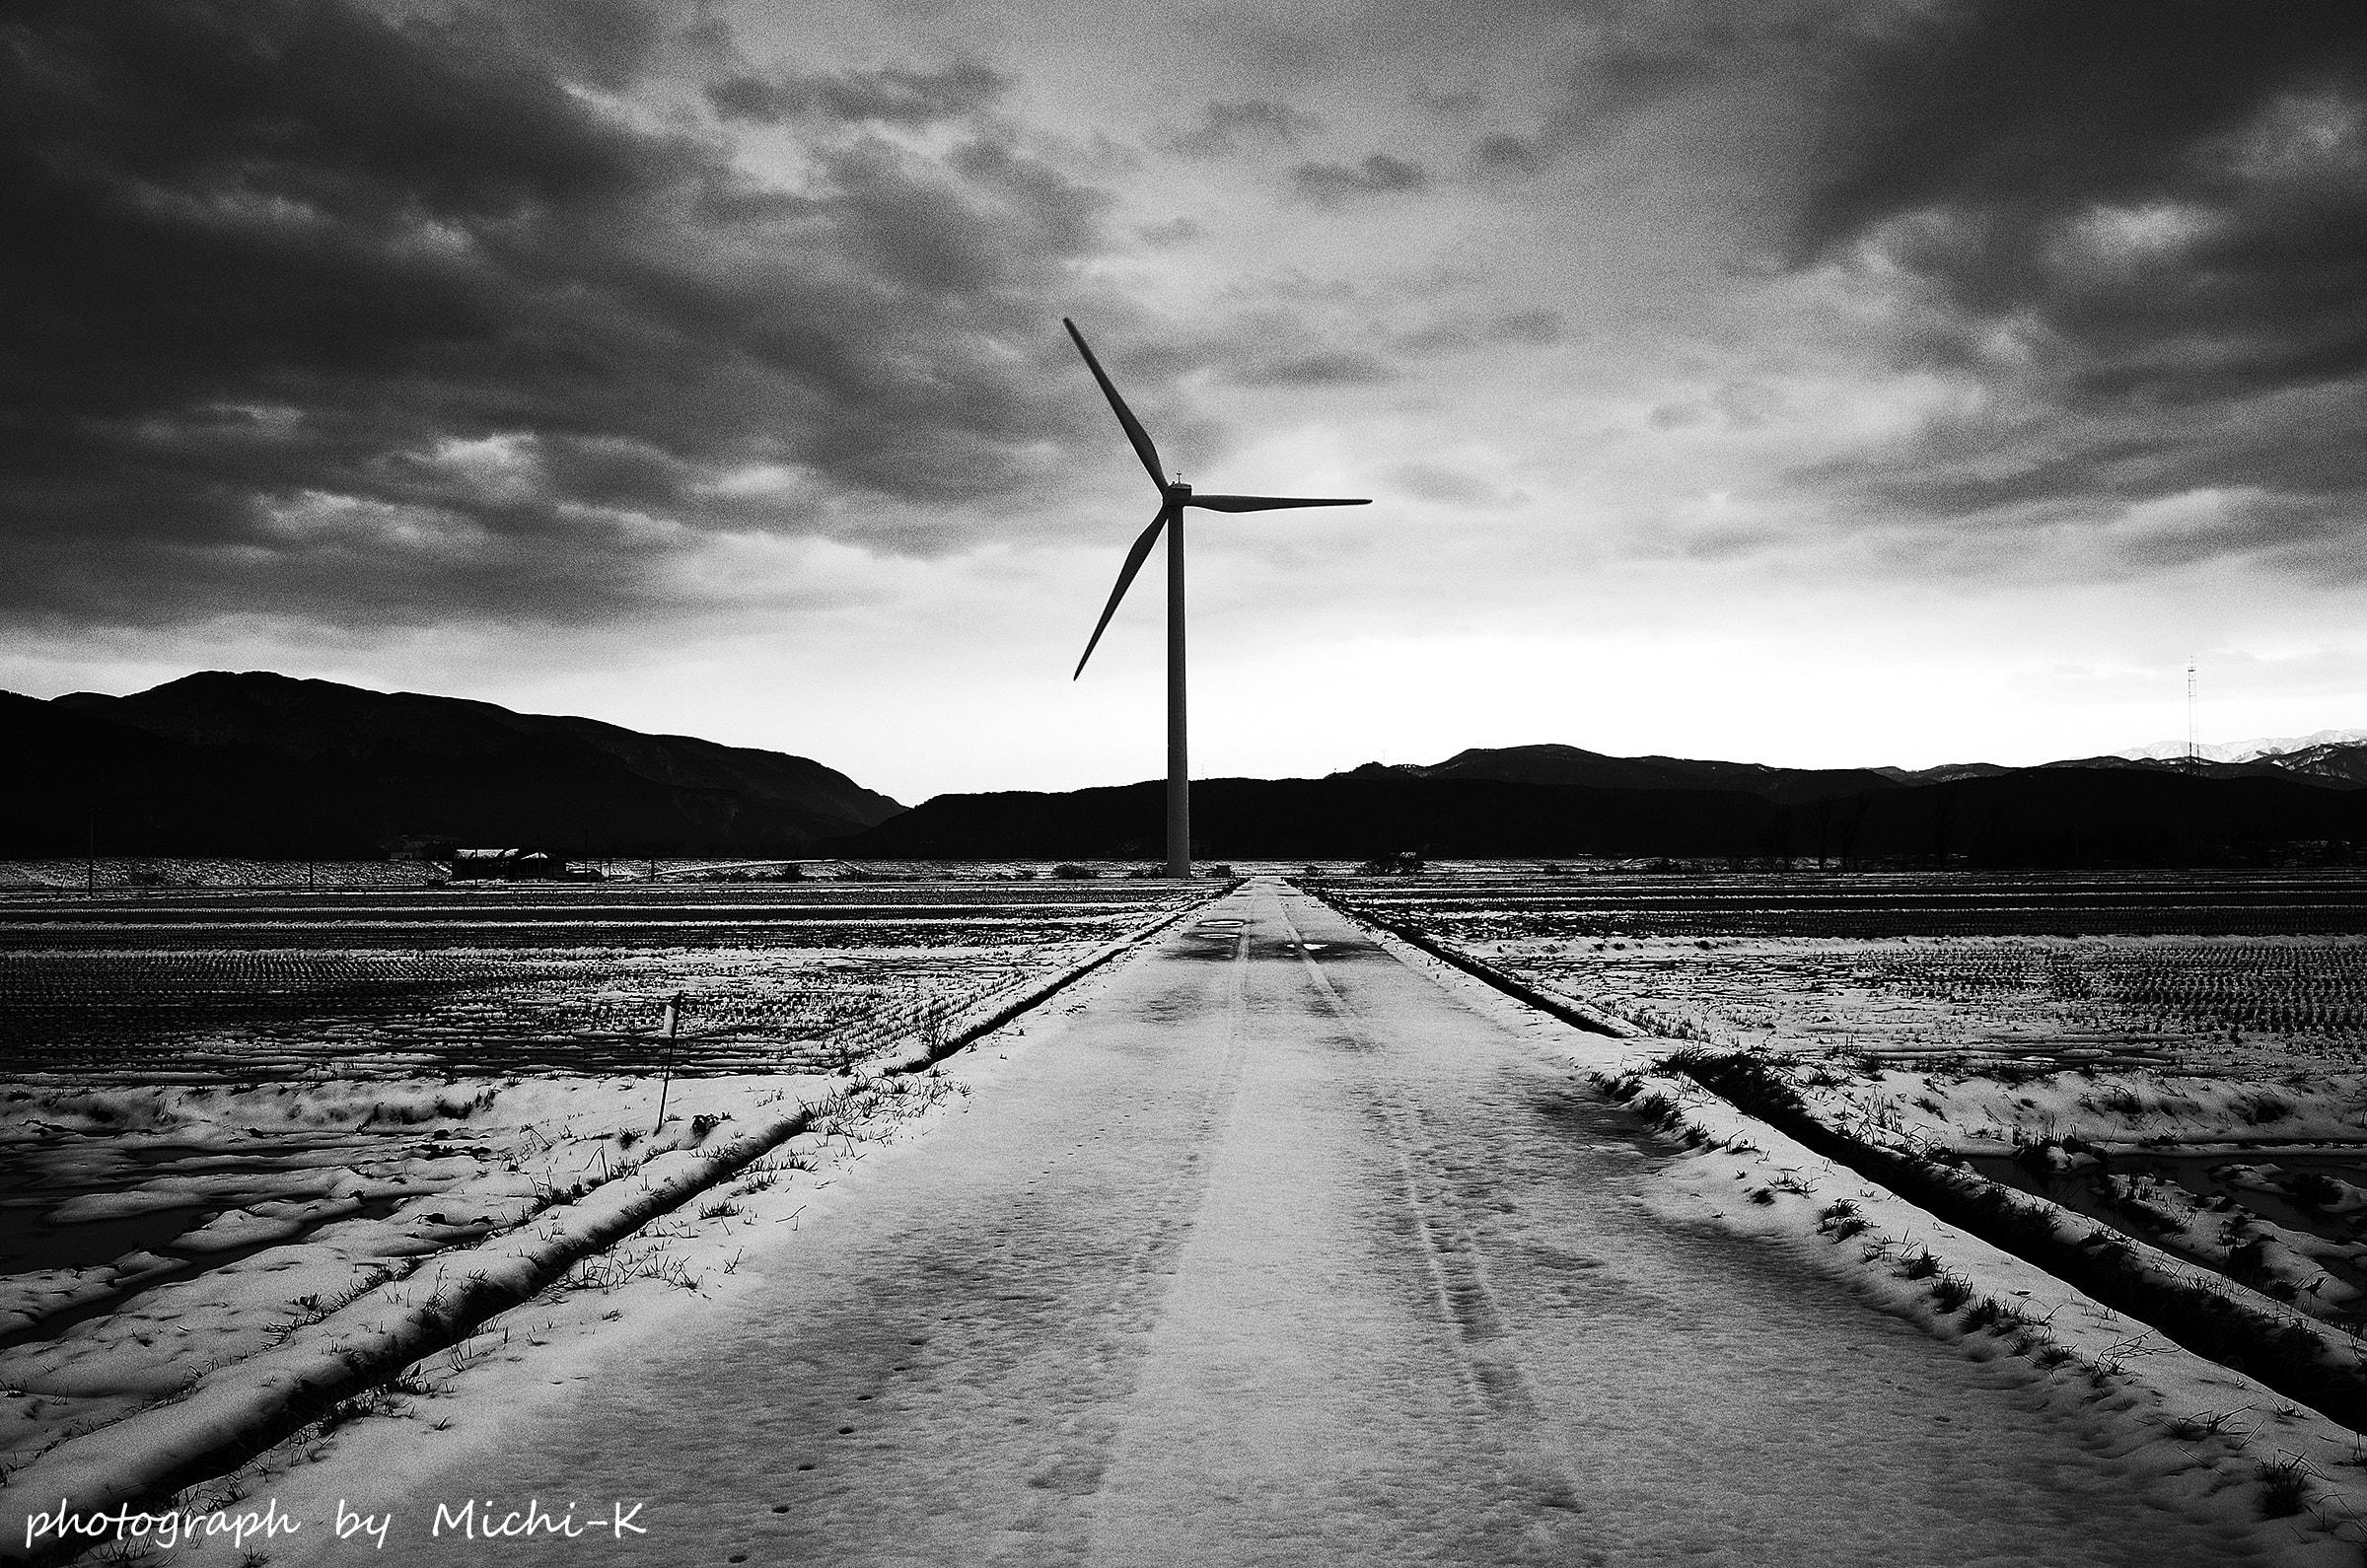 山形県庄内町-風車